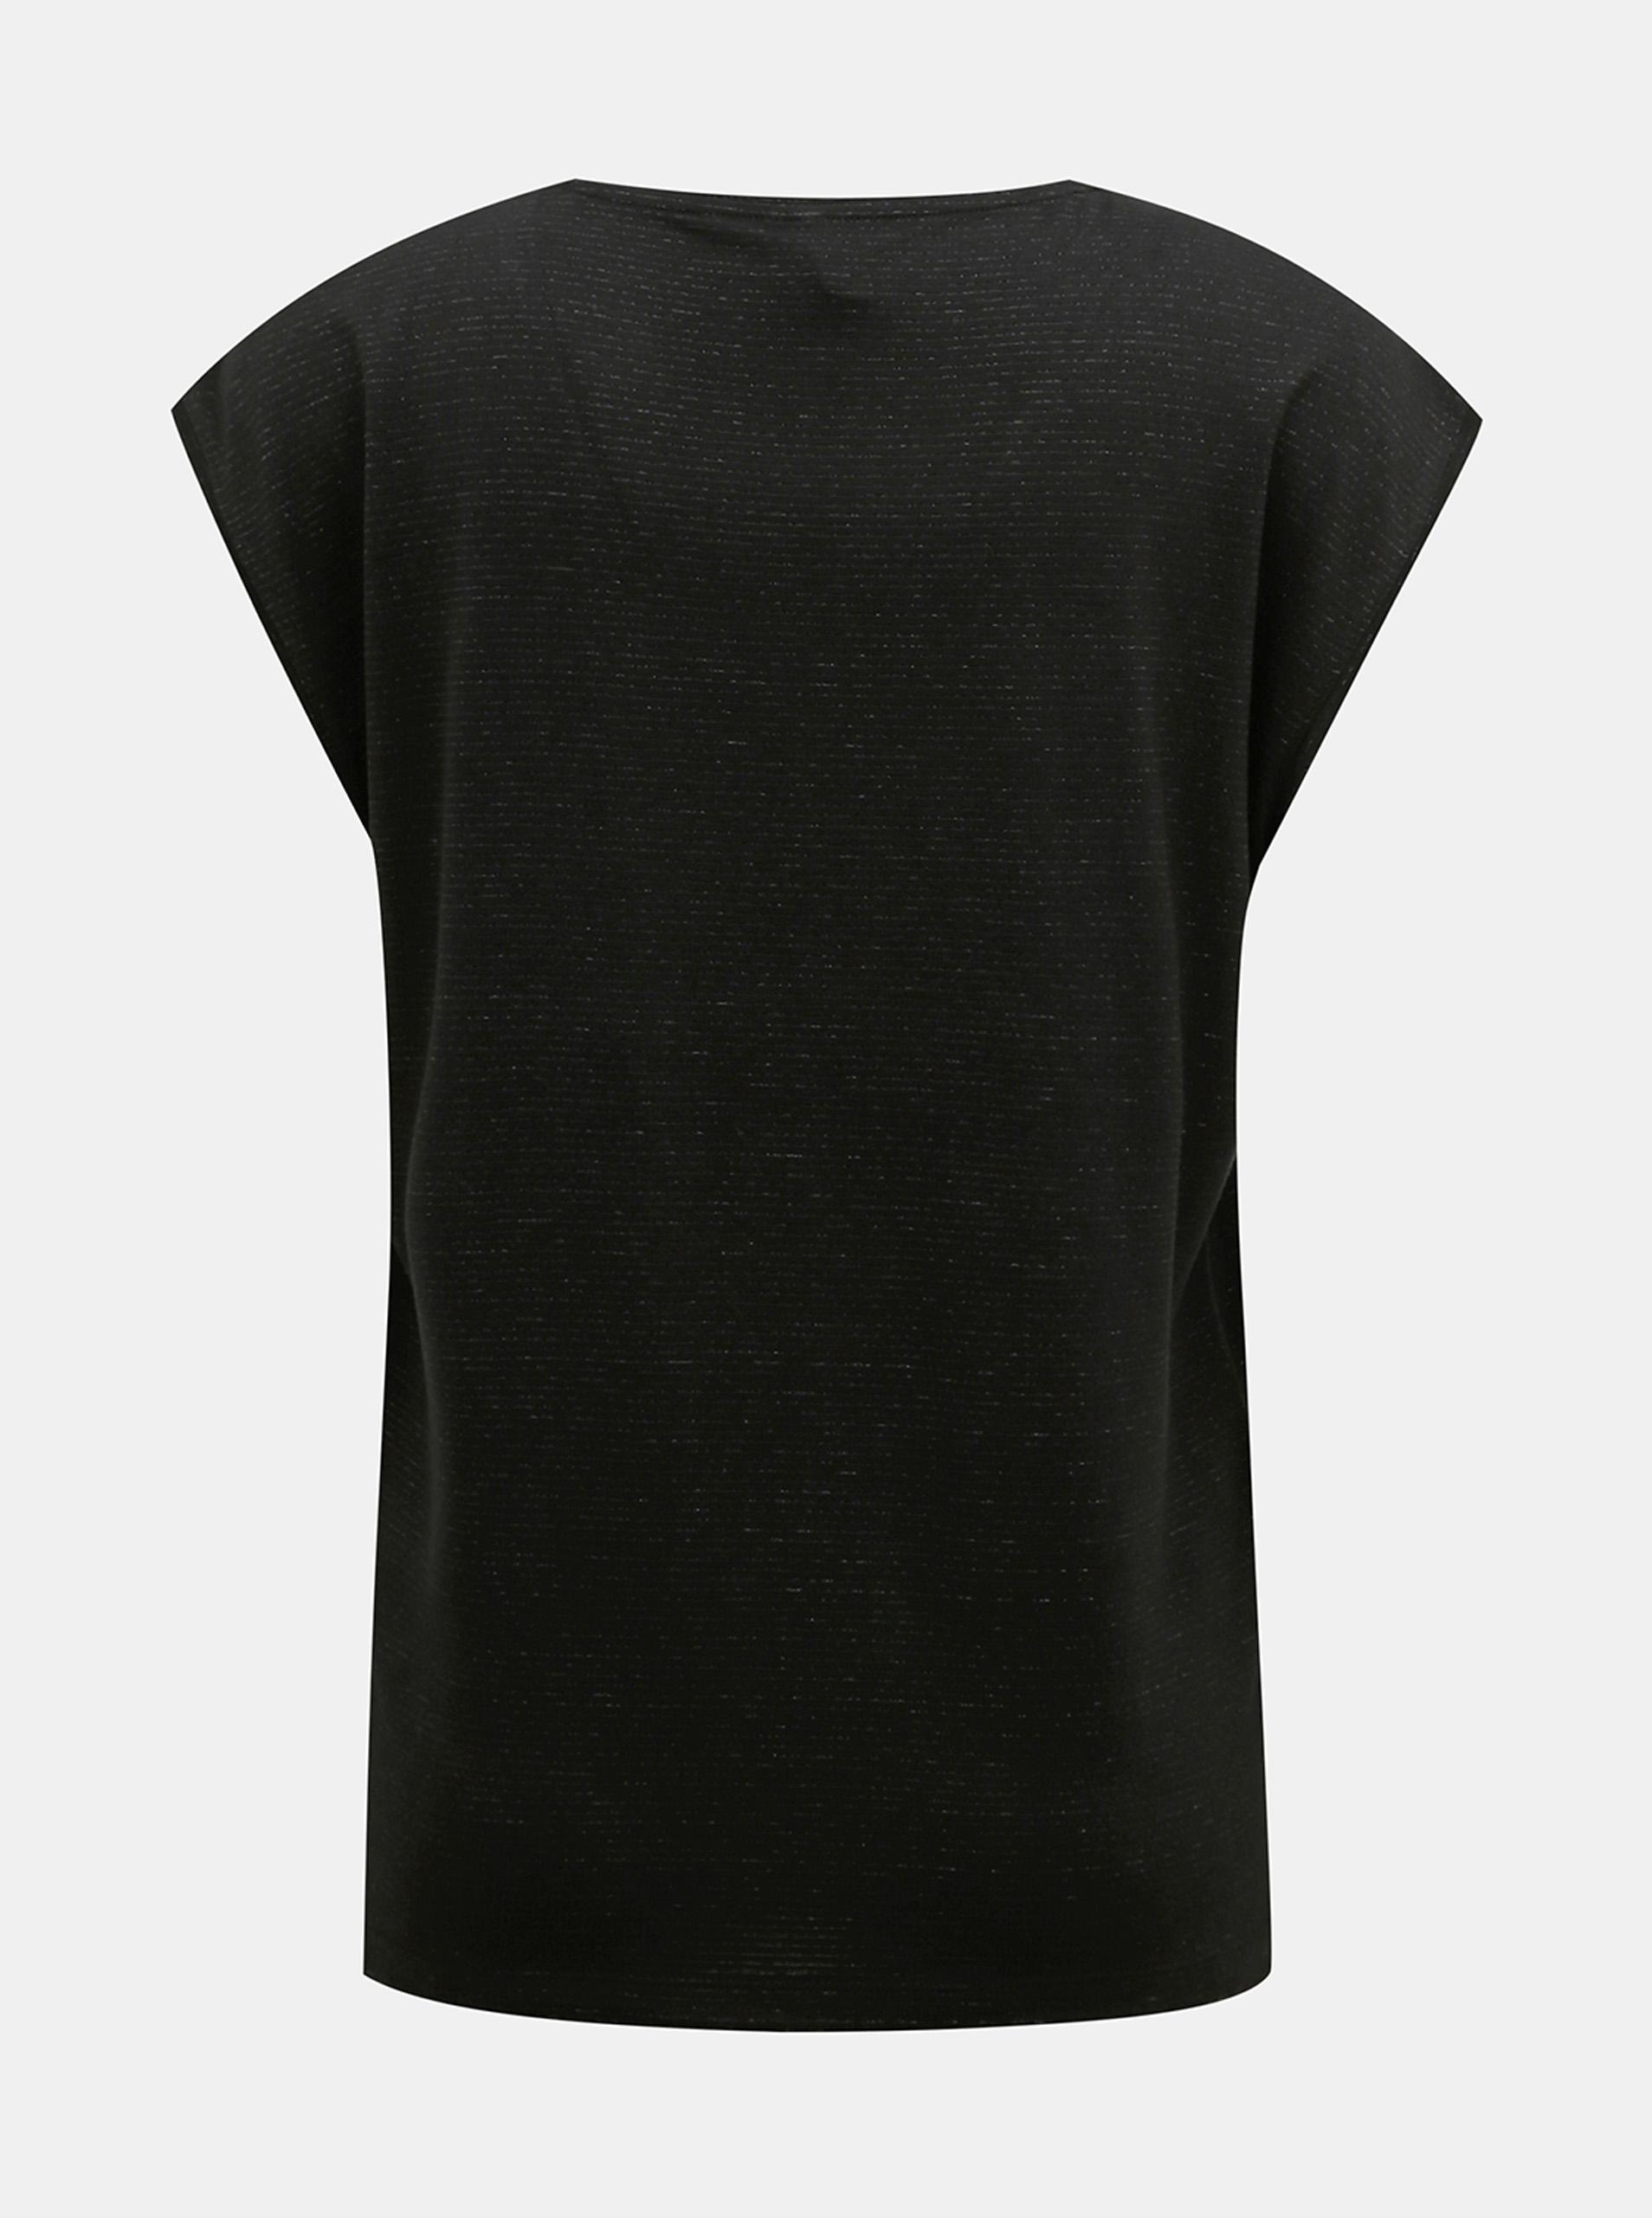 Fekete póló, fémszálakkal